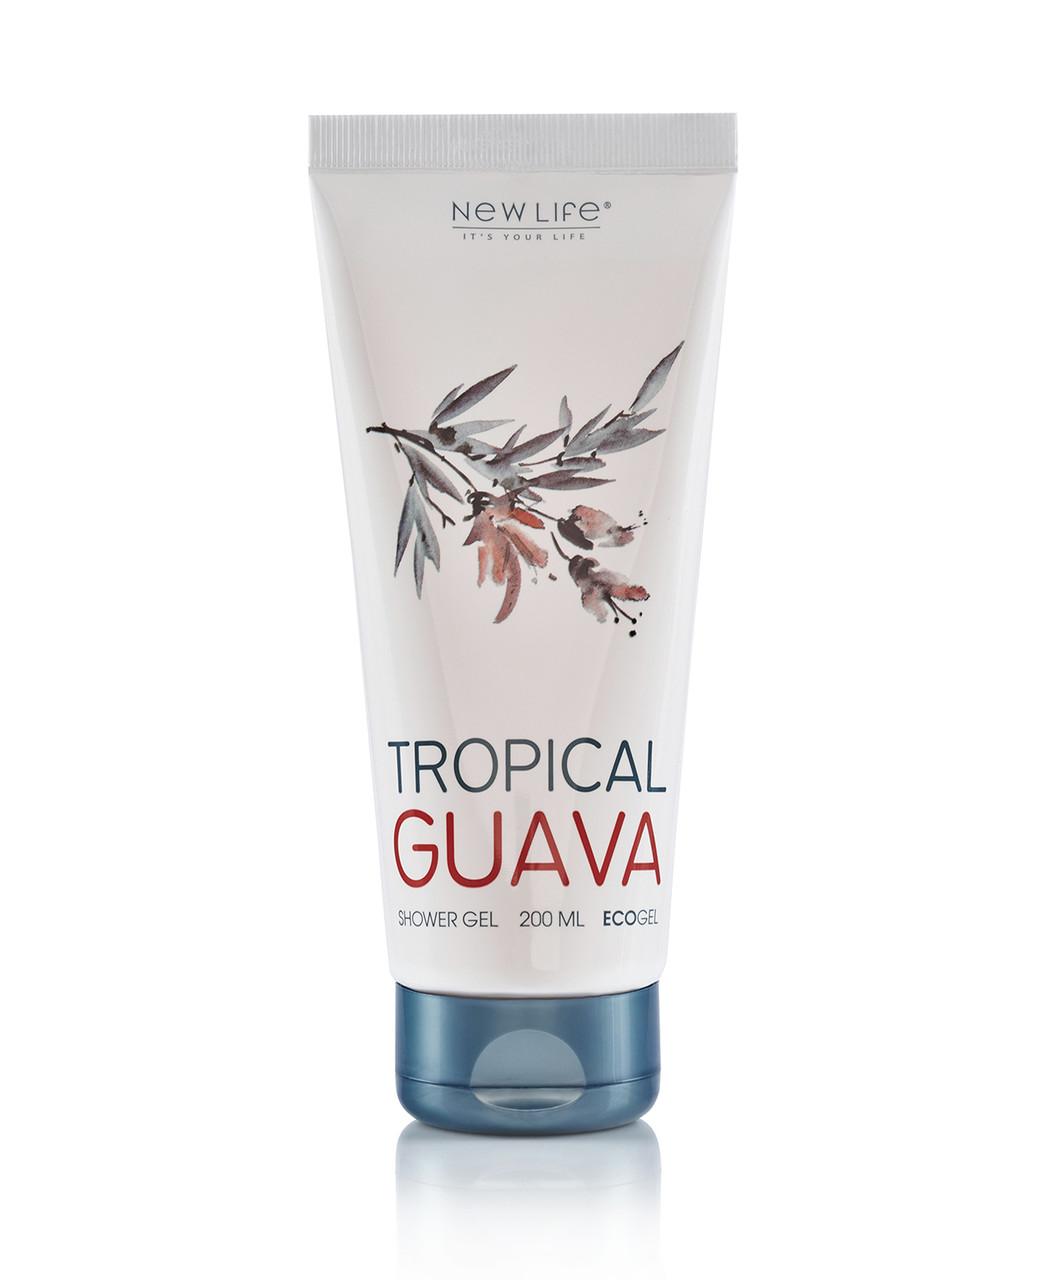 Гель для душа Tropical guava - Новая Жизнь